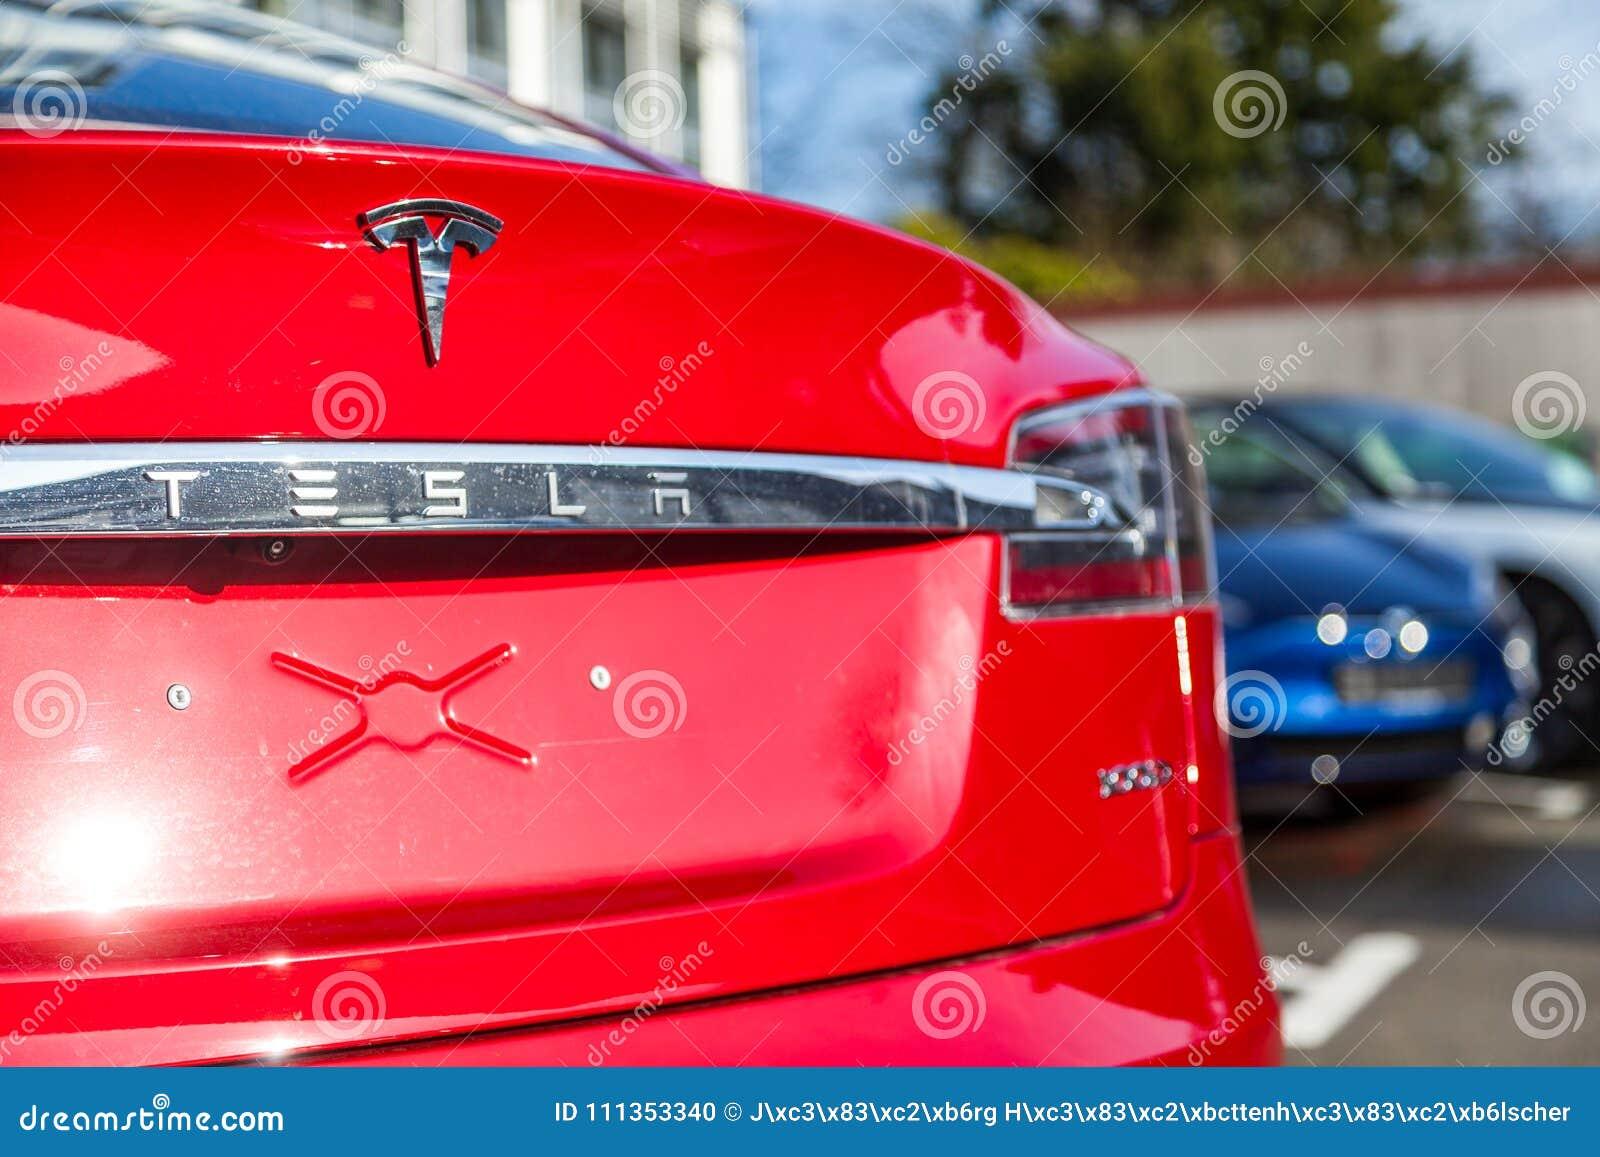 Λογότυπο τέσλα σε ένα αυτοκίνητο τέσλα